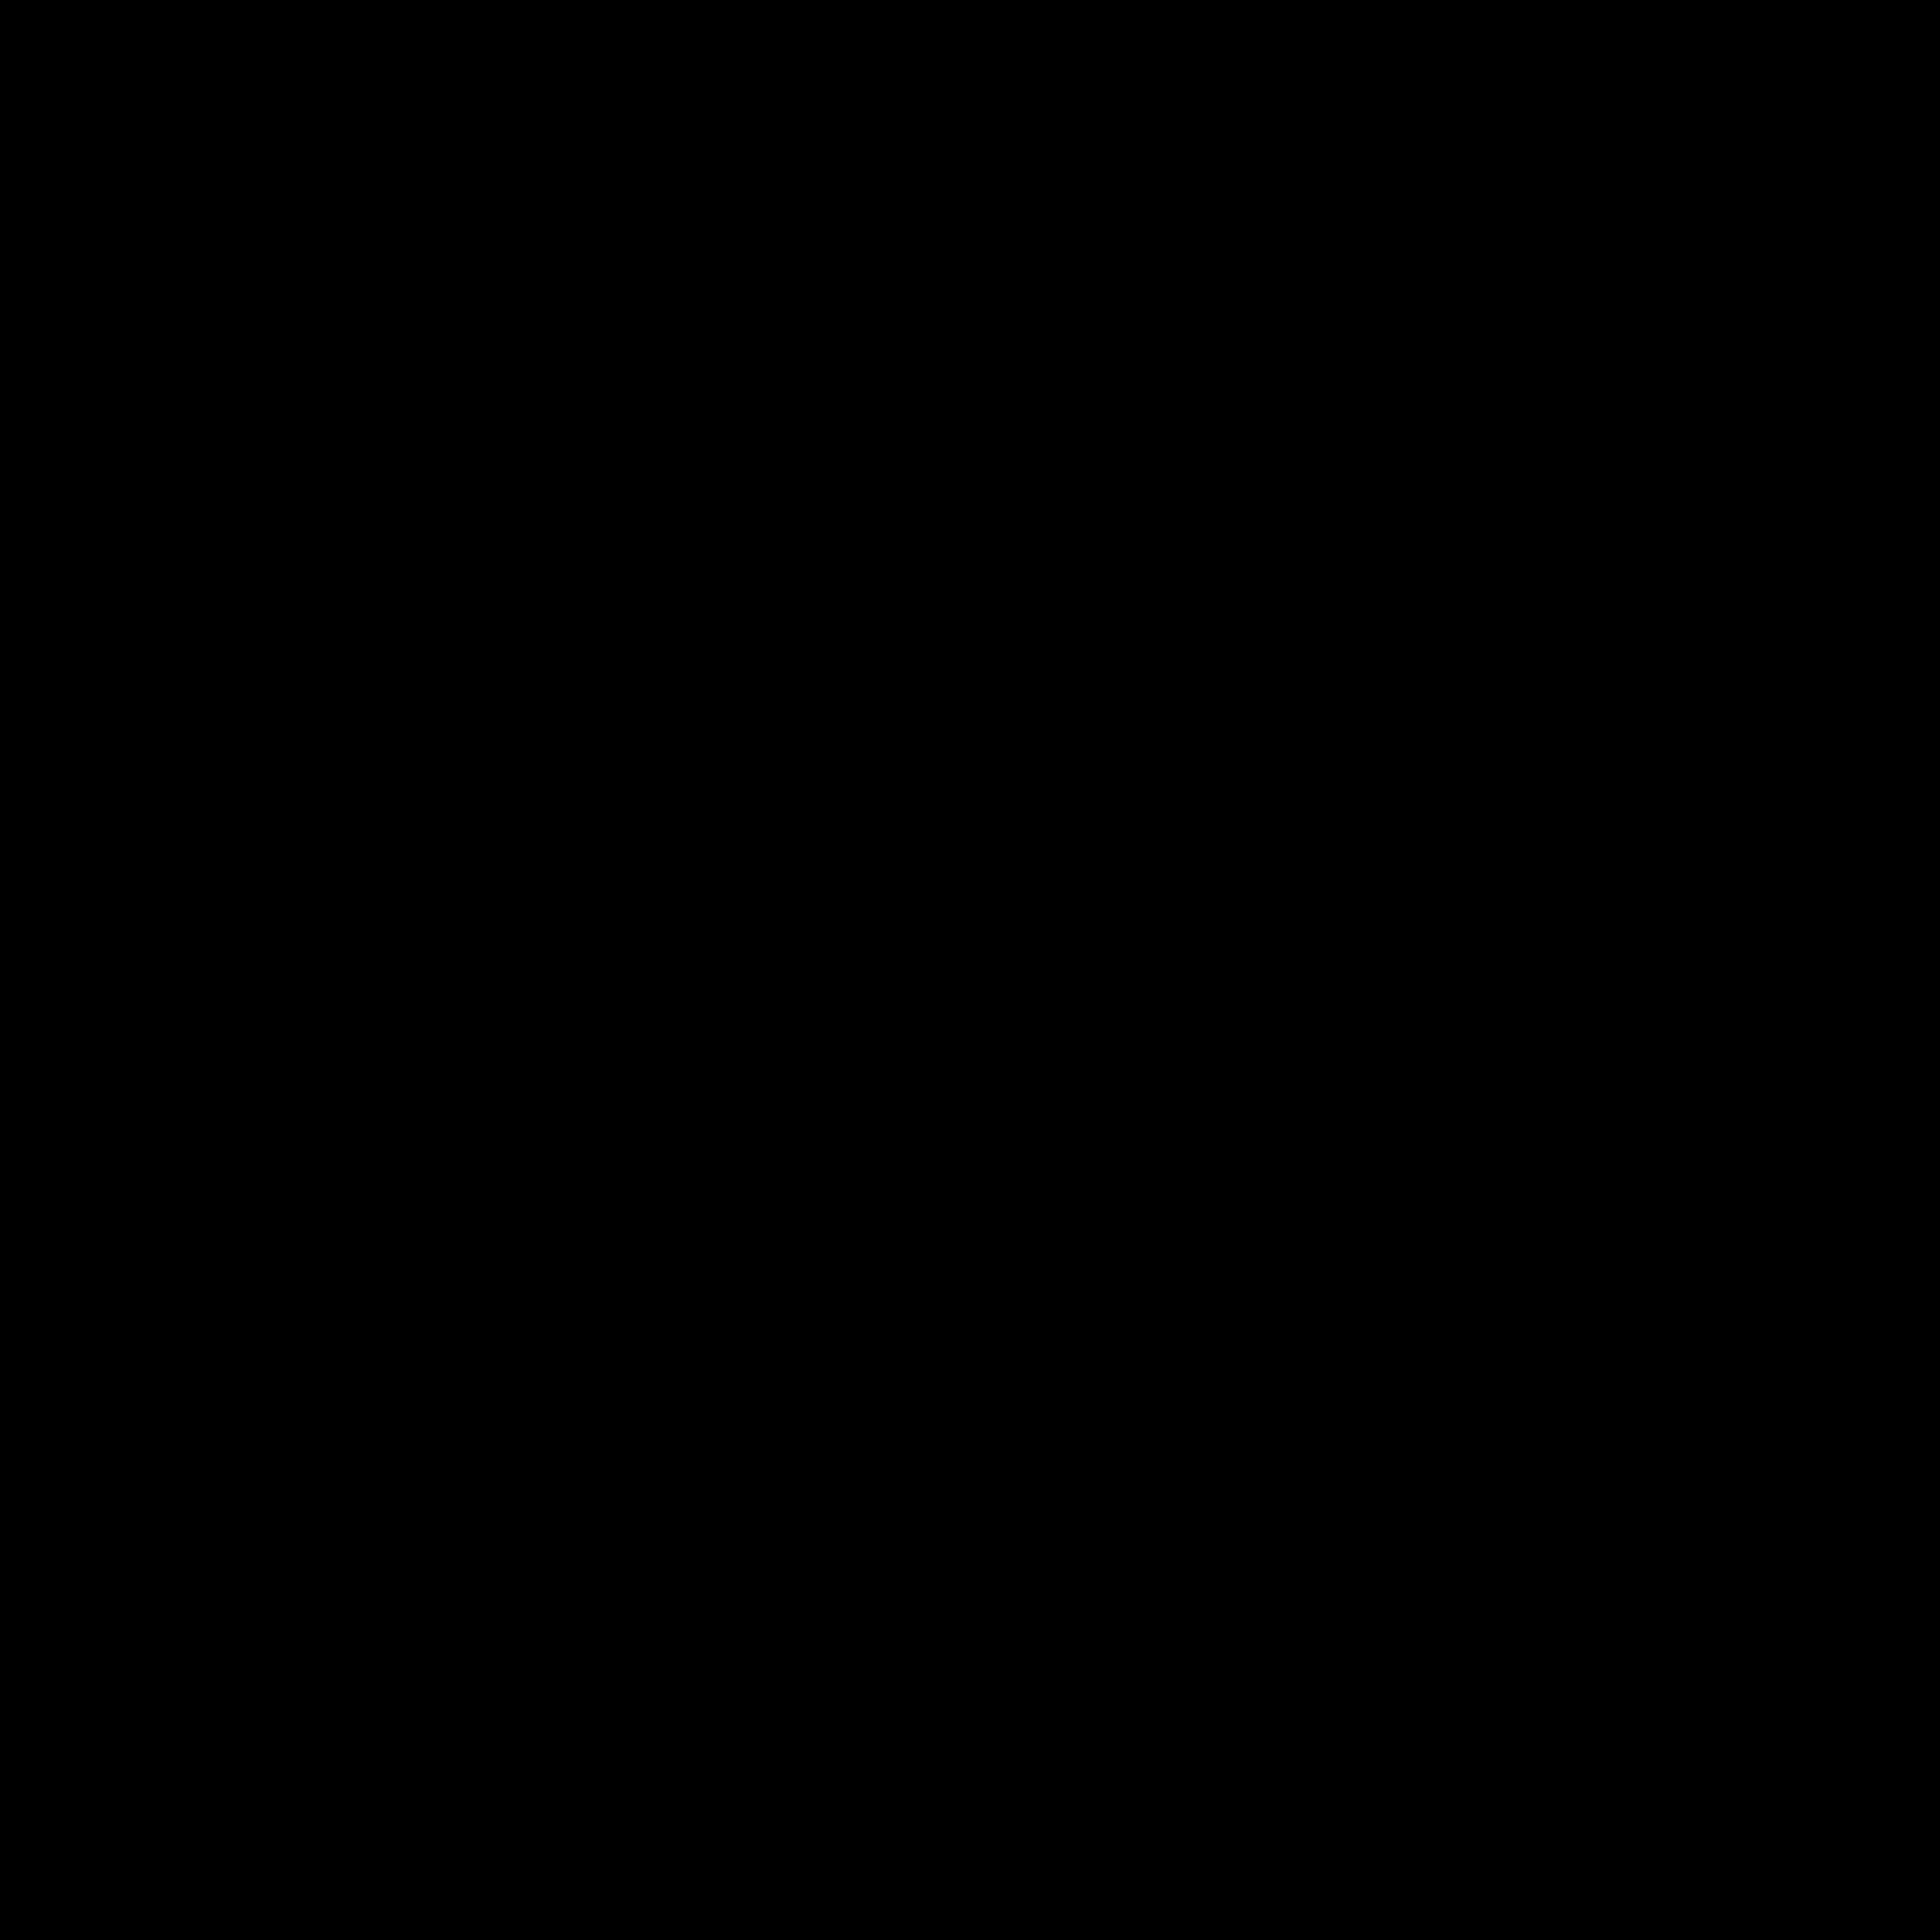 Hawaiian Tropic's logo